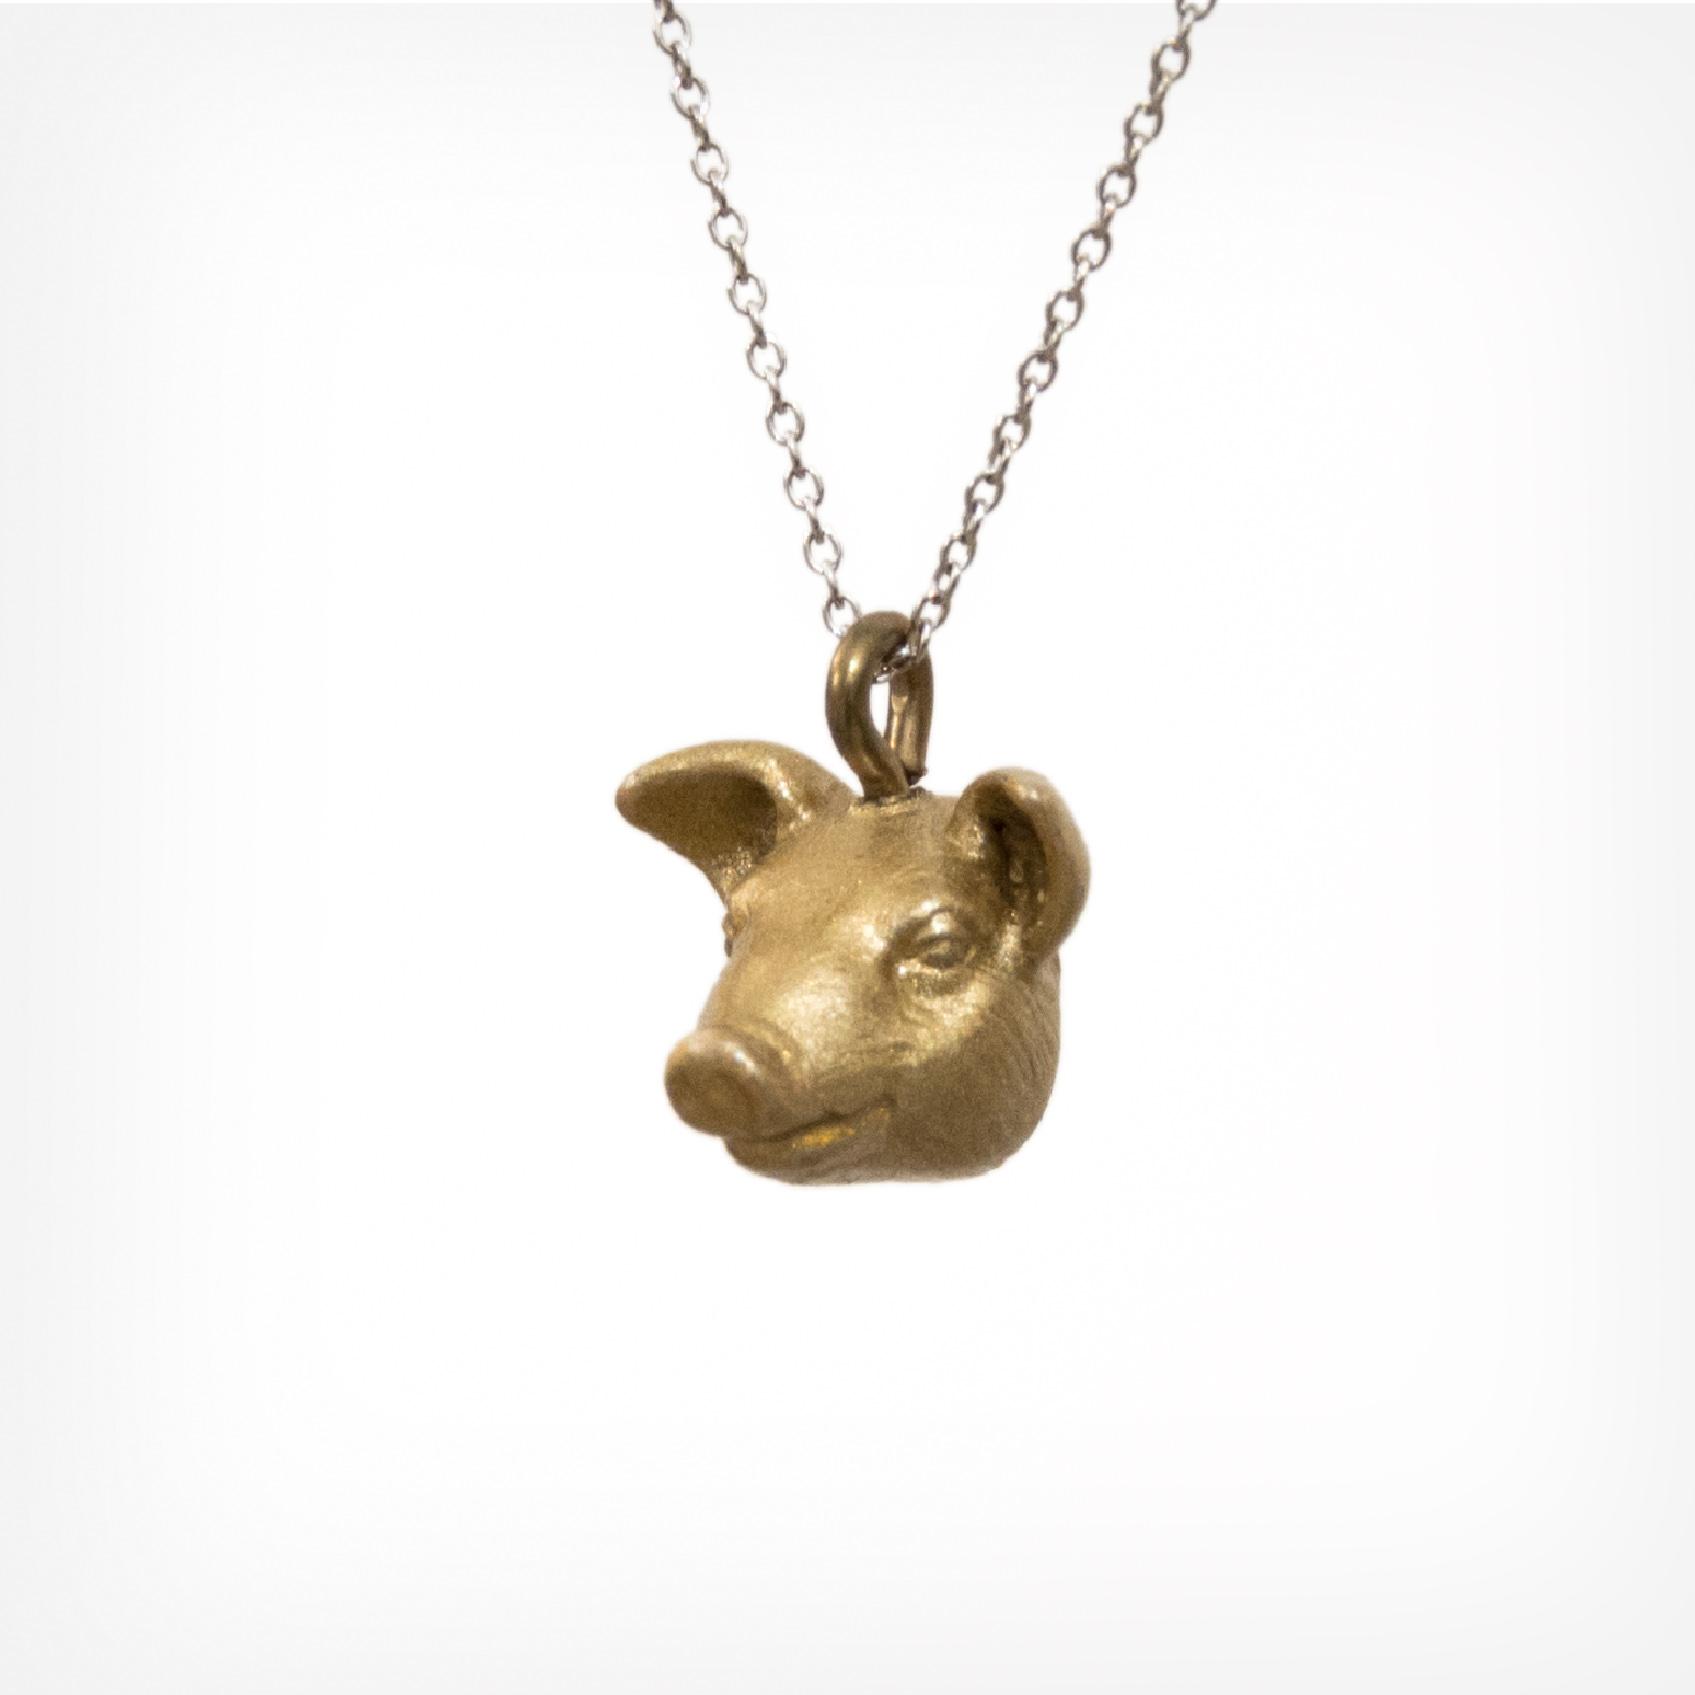 Schwein gold | pig golden